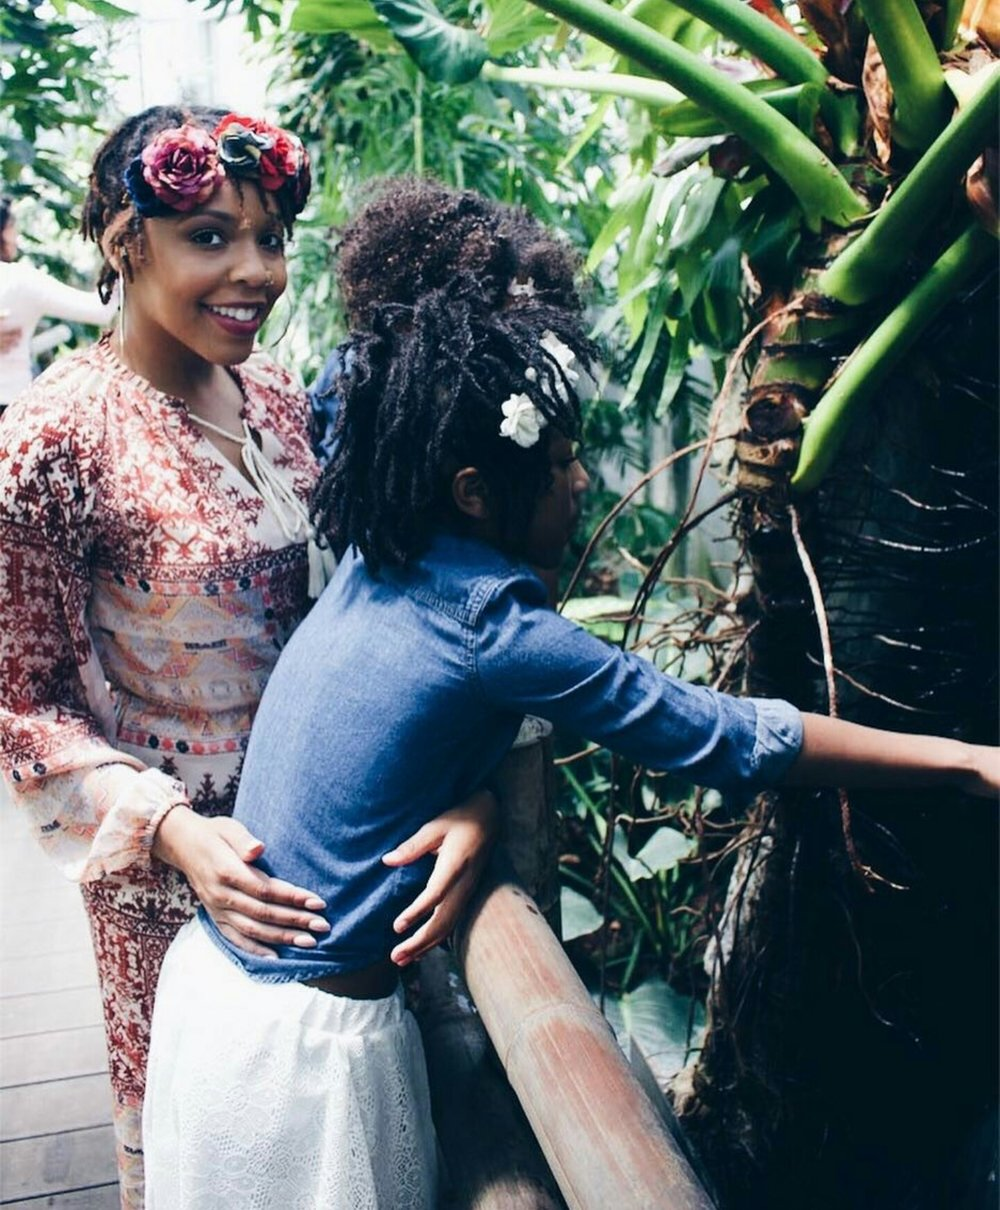 BRANDY WELLS MSW, LSW❘ @MYMOTHERHOODMAGIC www.mymotherhoodmagic.com